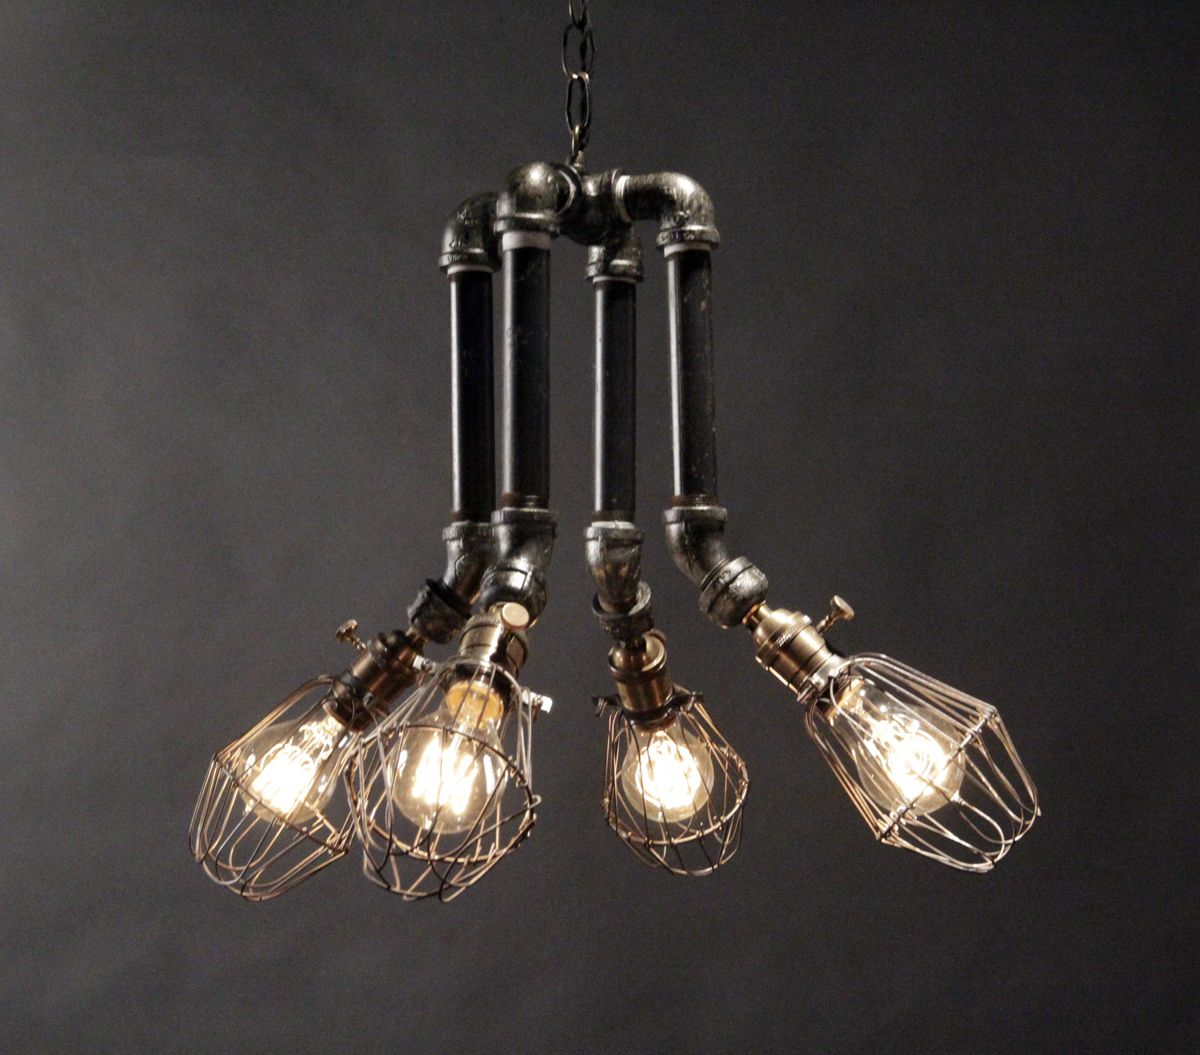 Industrial chandelier pipe pinterest - Lighting lamps chandeliers ...